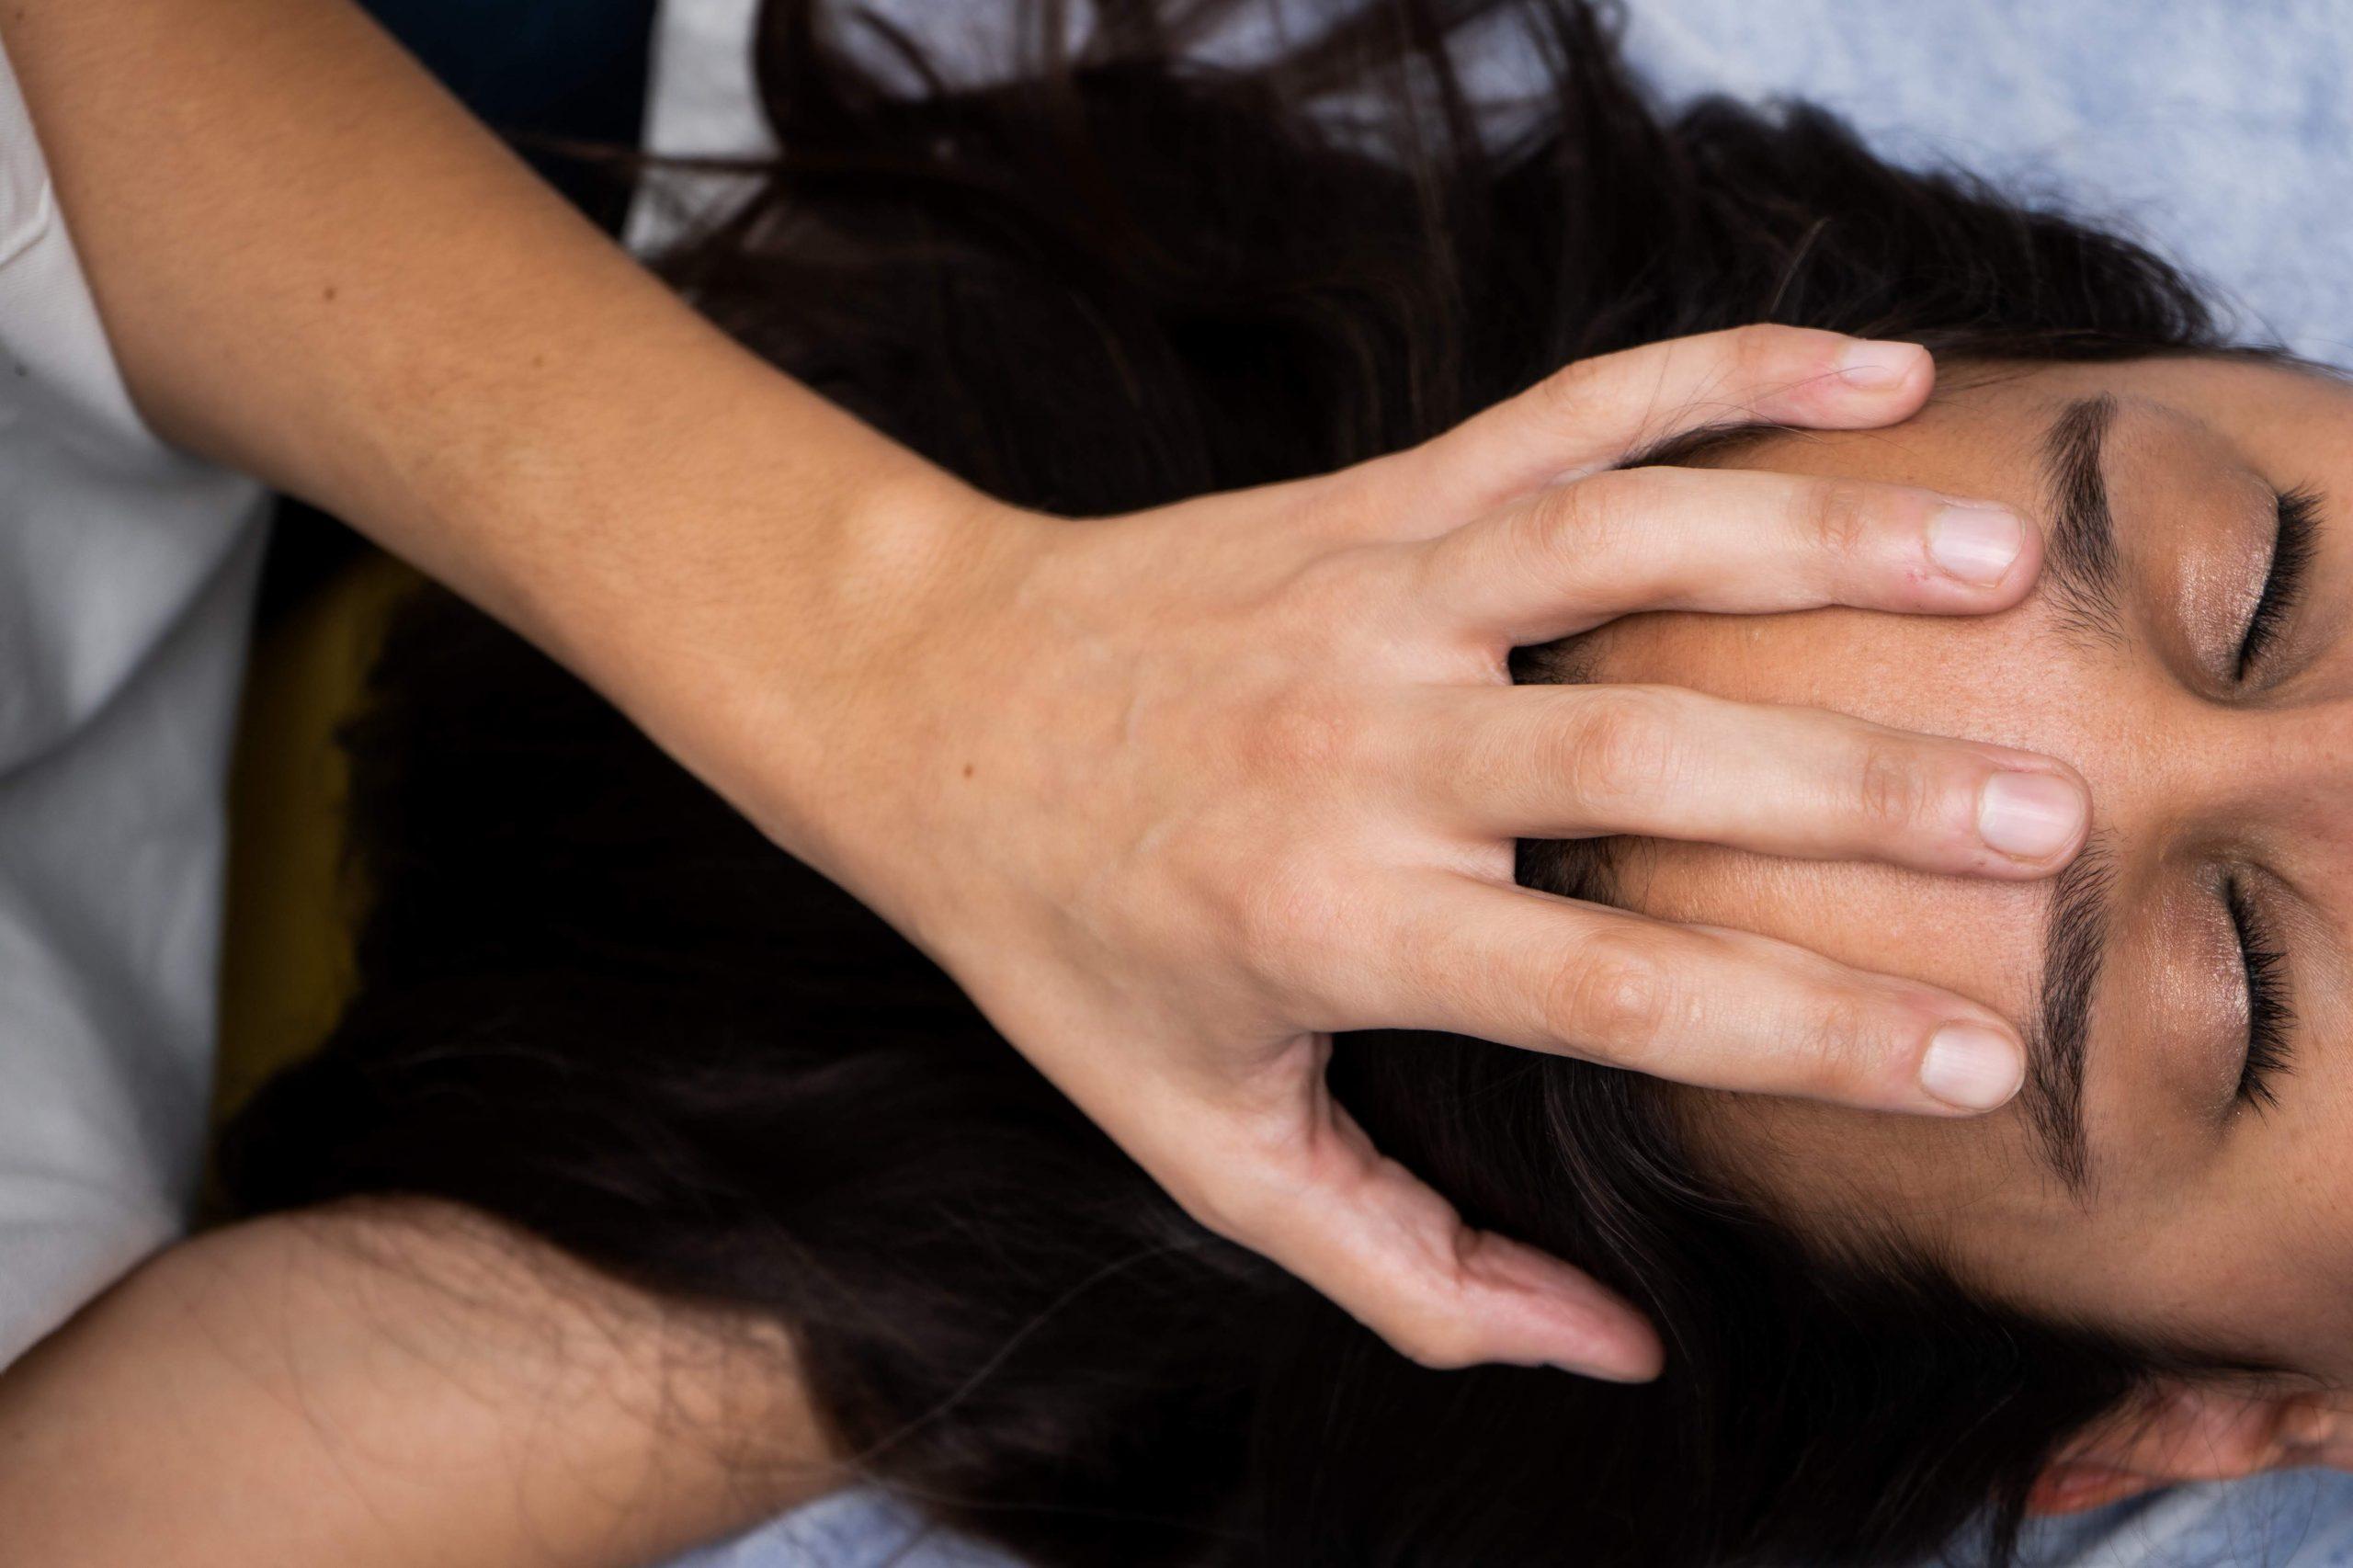 El estrés se refleja en el cuerpo: ¿aprietas los dientes?